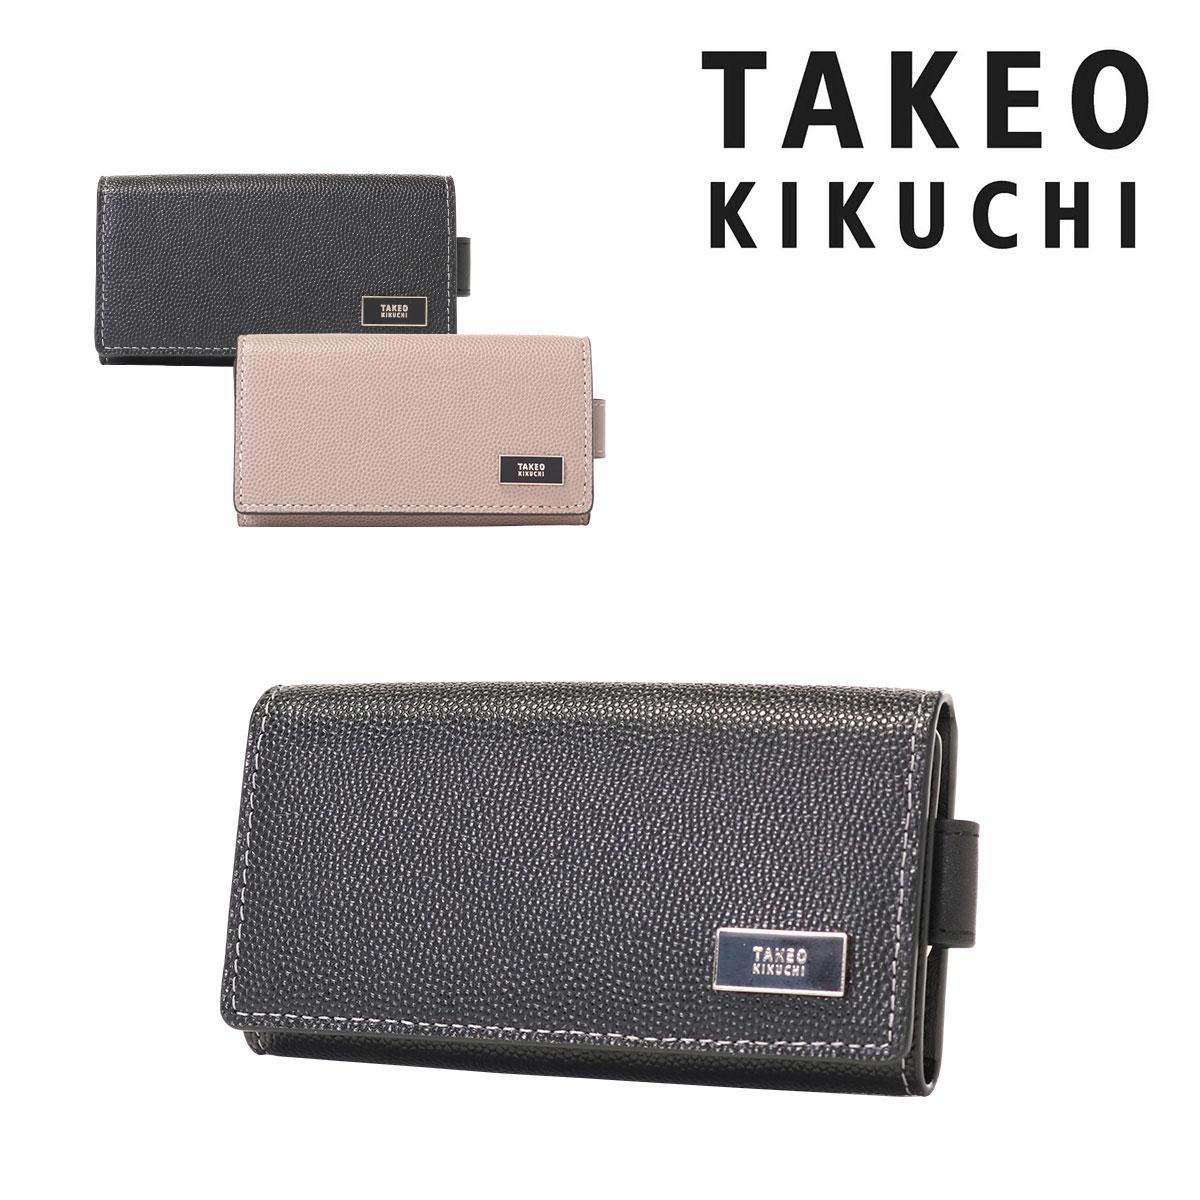 タケオキクチ キーケース スクール メンズ 745612 | TAKEO KIKUCHI 牛革 本革 レザー[PO5][bef]